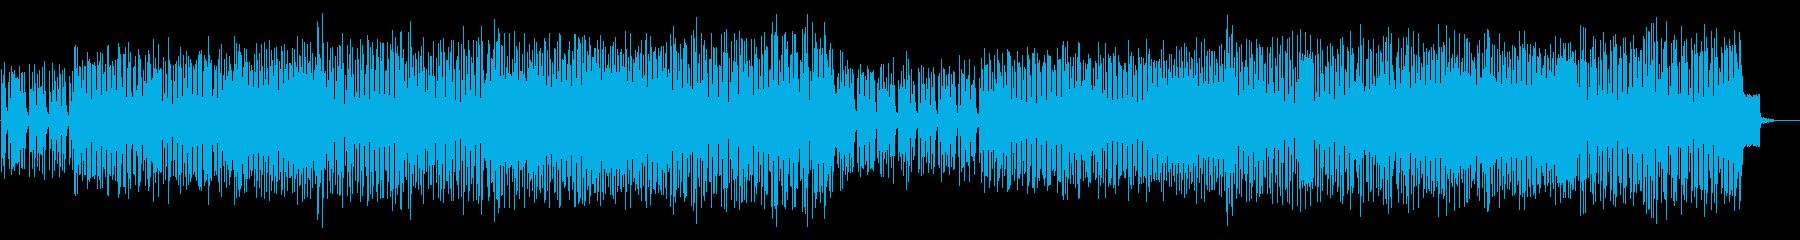 リズム抜】ガイコツの行進、軽快ハロウィンの再生済みの波形